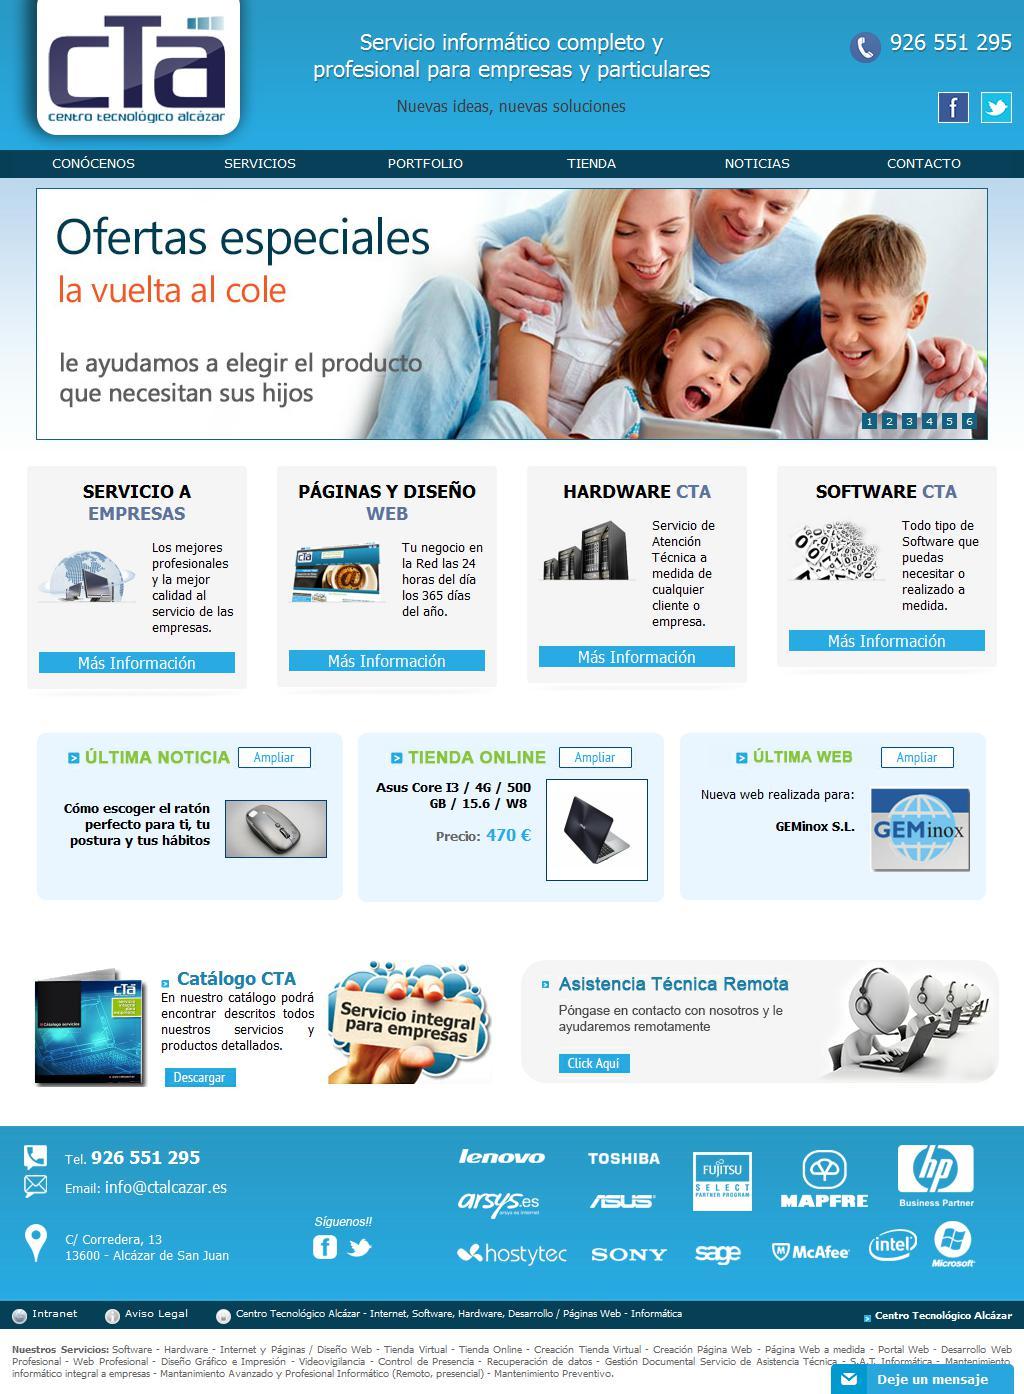 Centro Tecnologico Alcazar